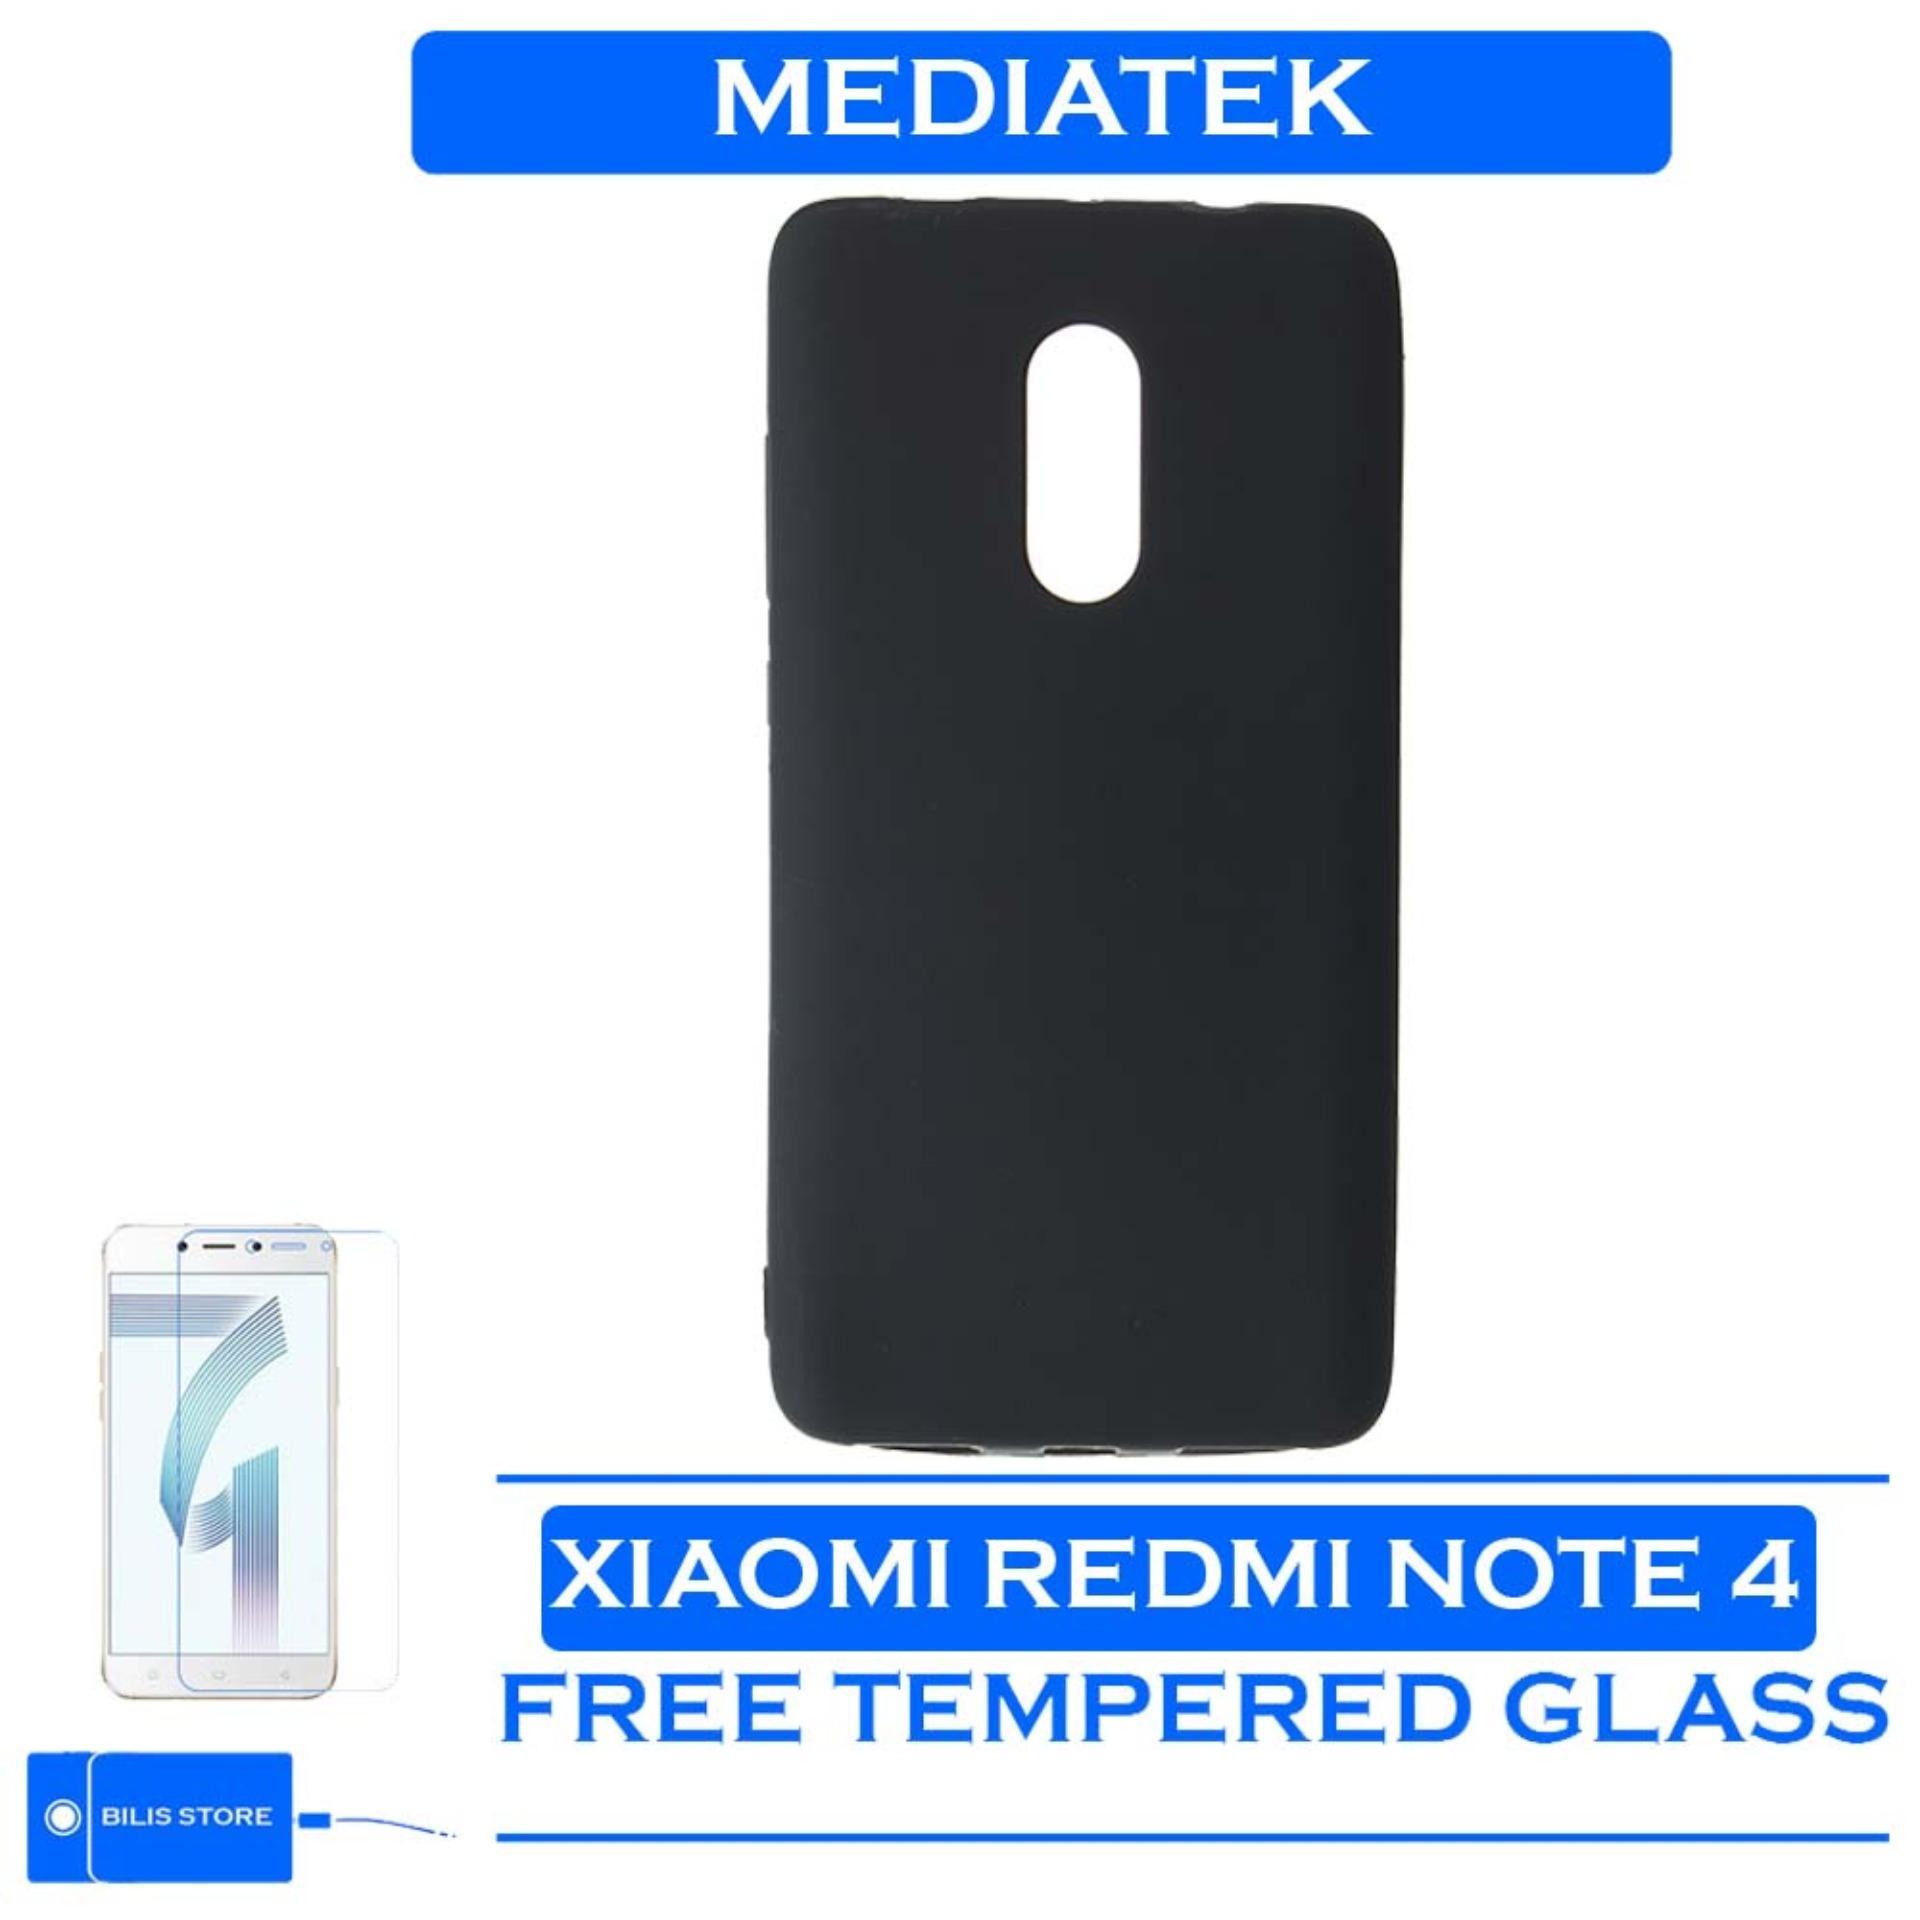 Xiaomi Redmi Note 4 Mediatek Casing Hp Xiaomi Black Matte Ultraslim Casing Hitam Polos Case Xiaomi Redmi Note 4 Mediatek Cover ++ GRATIS TEMPERED GLASS